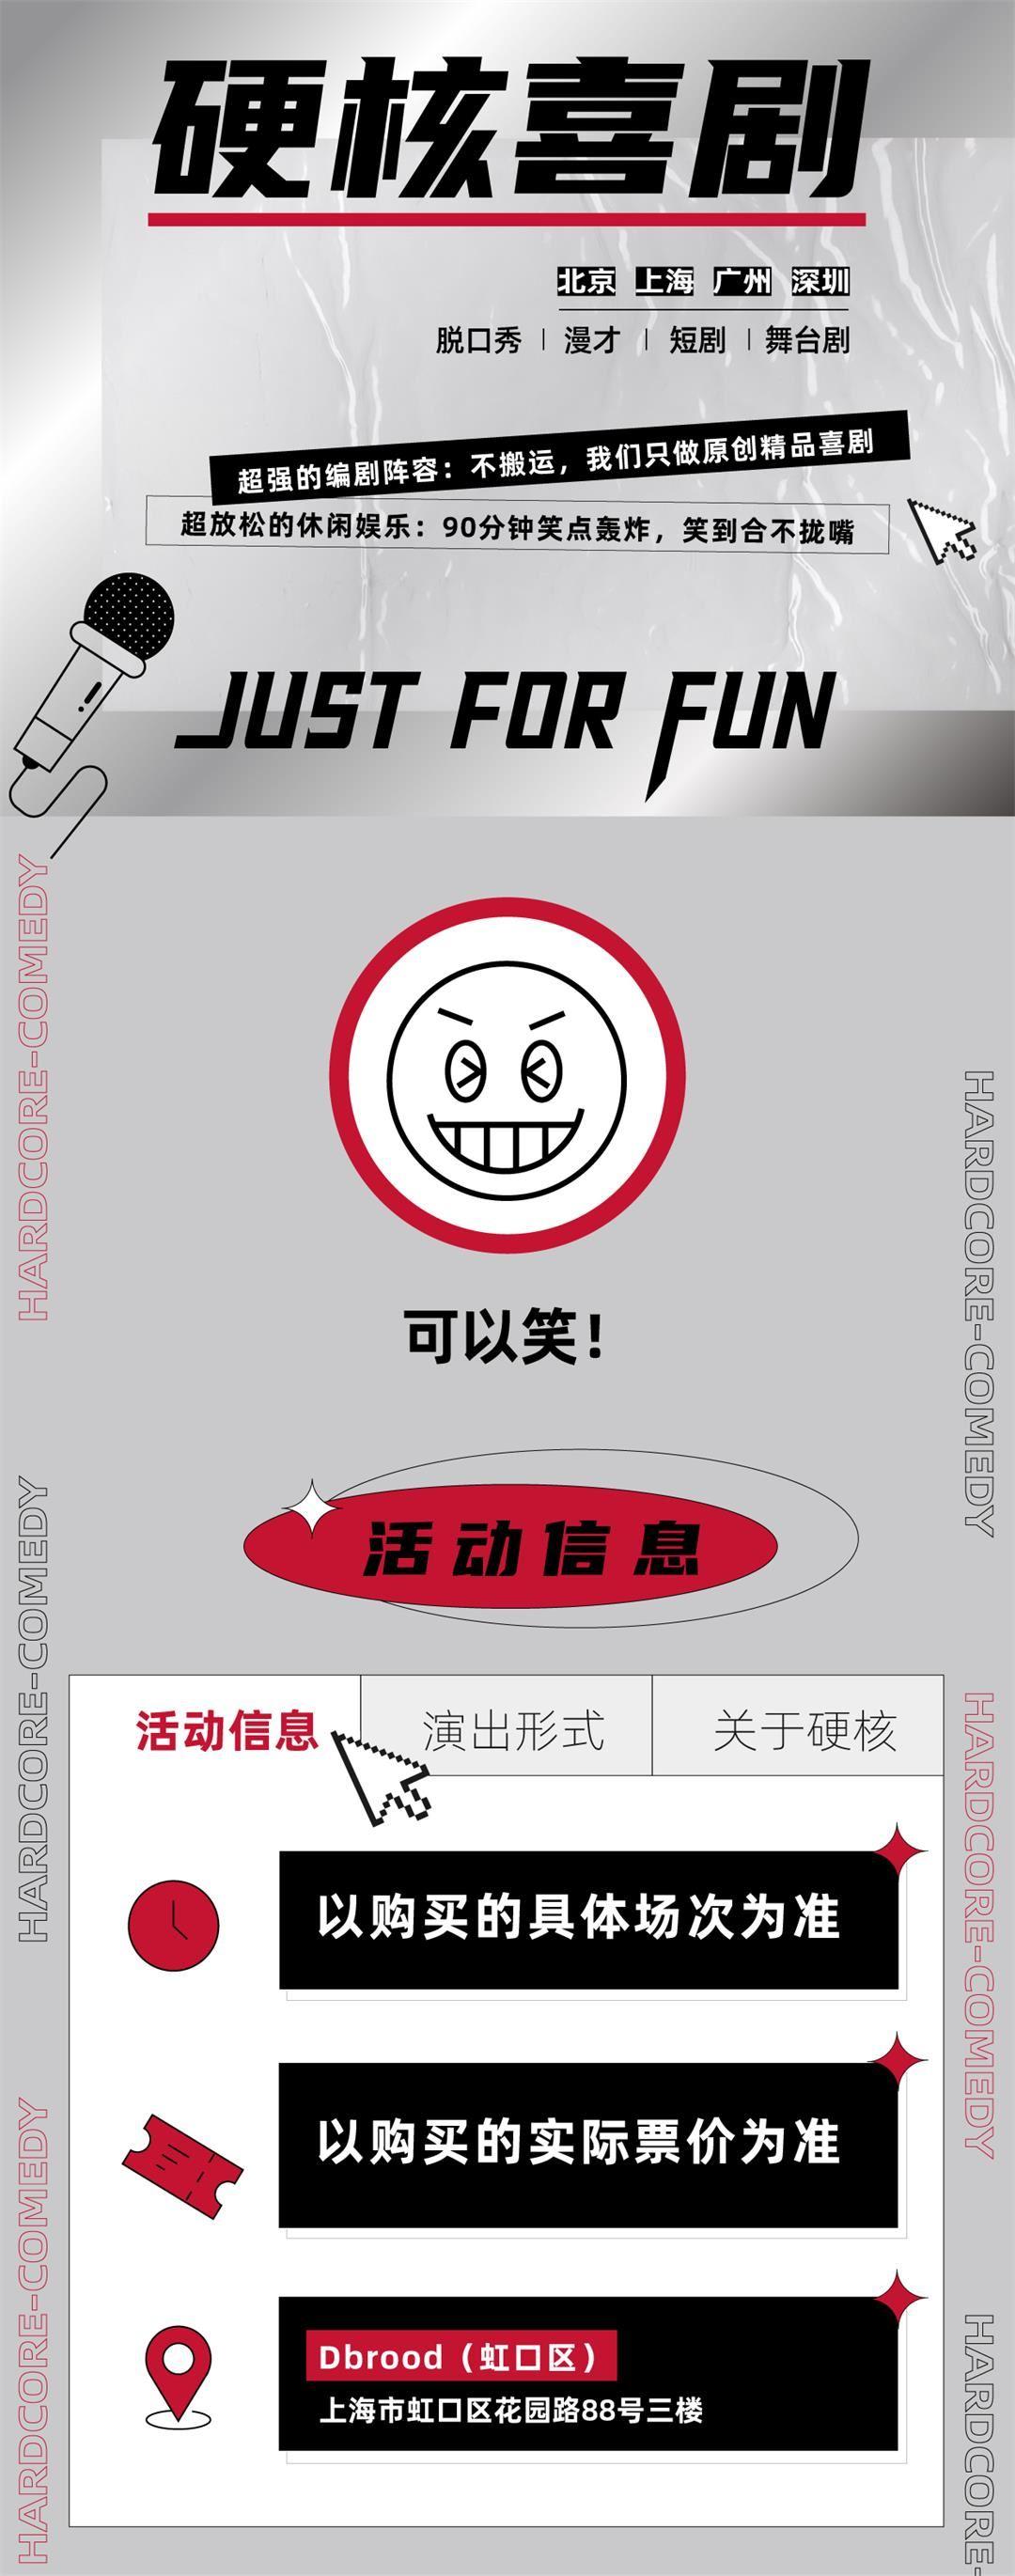 票务长图-上海(Dbrood)_01.jpg